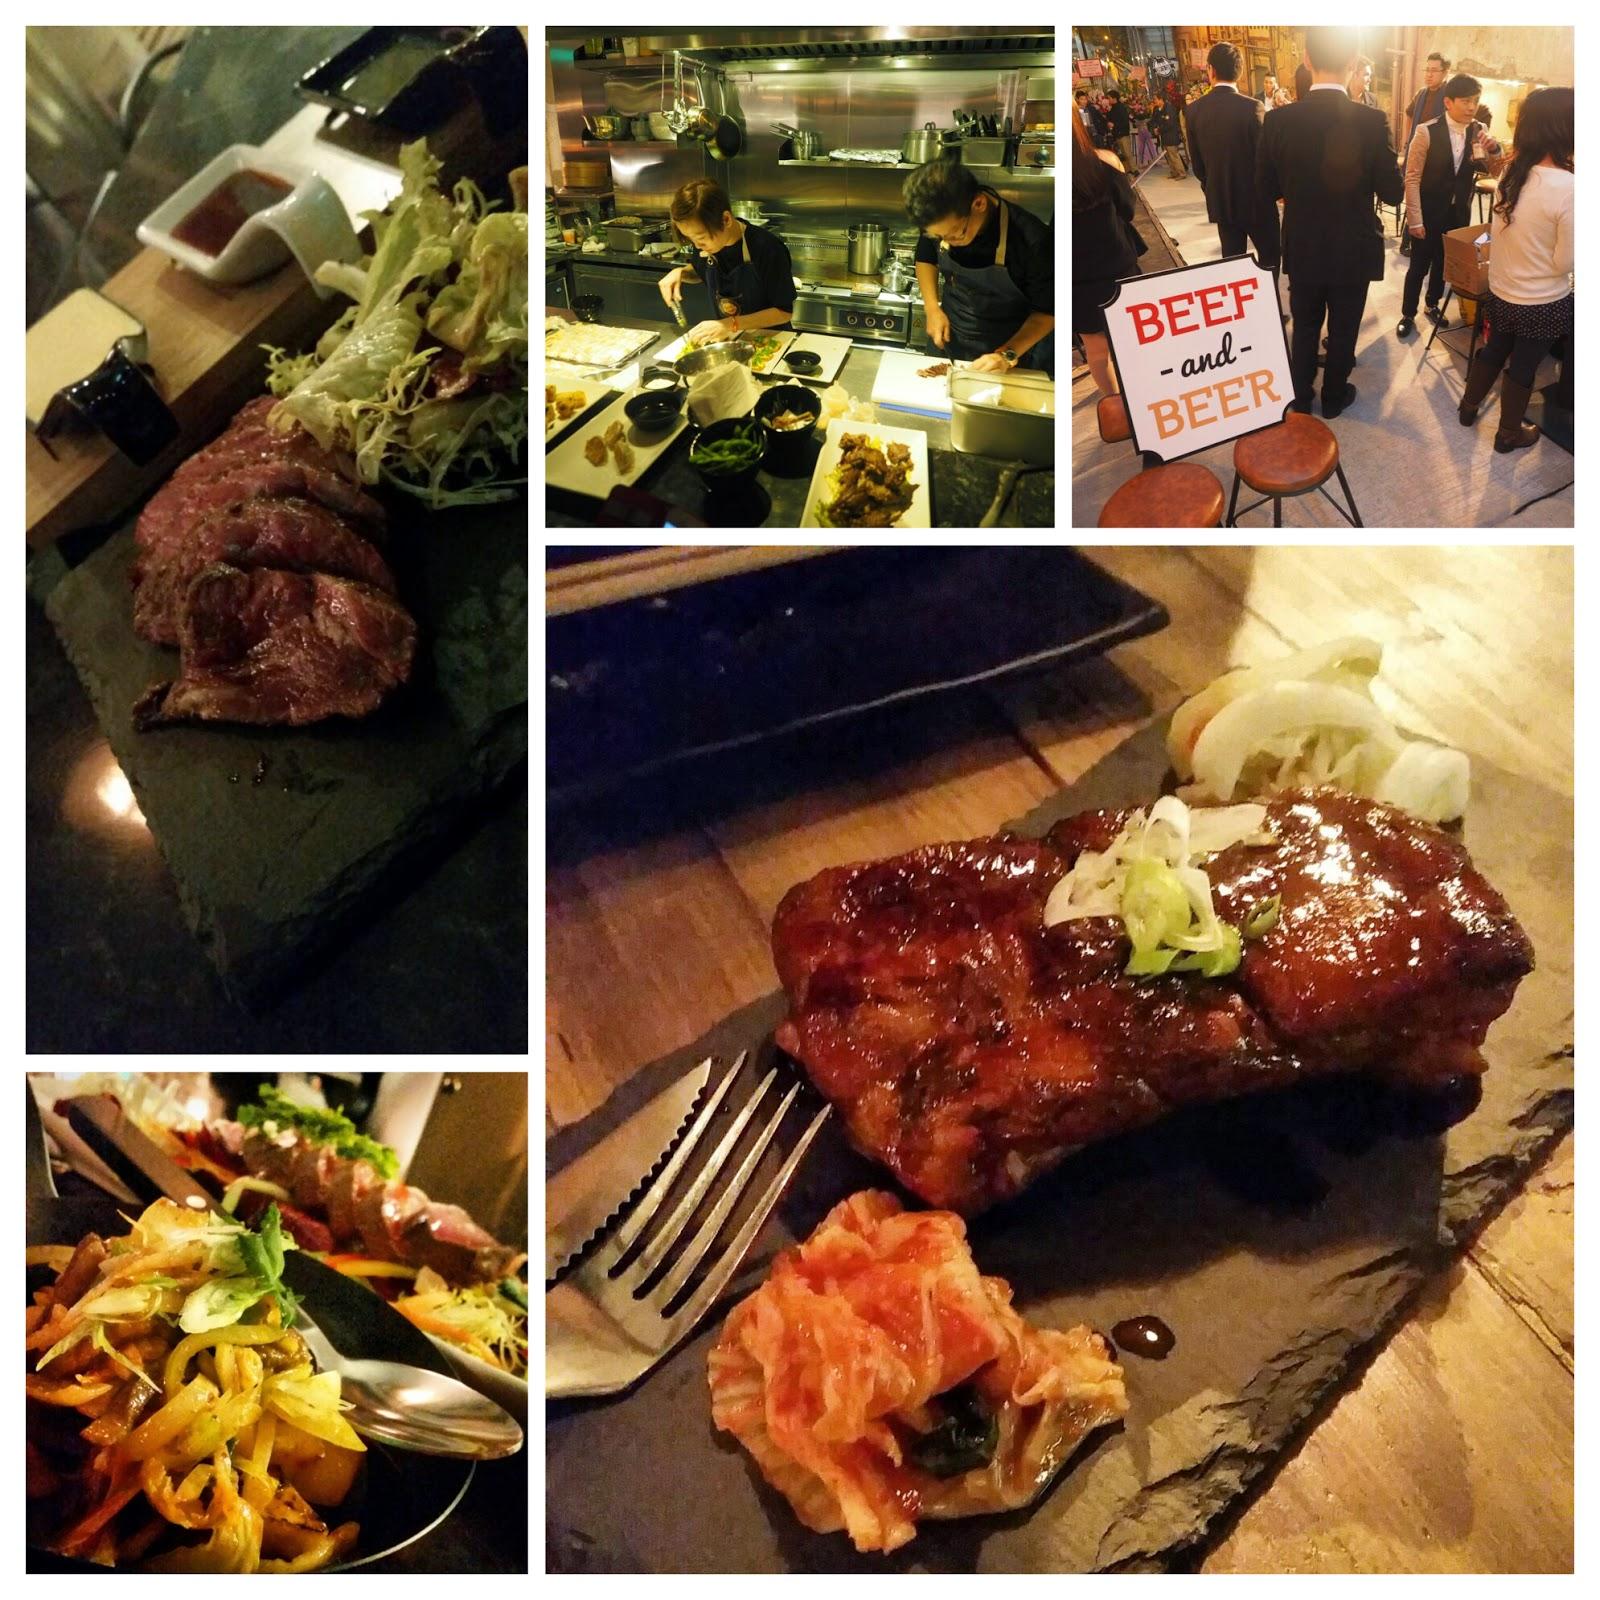 crafty cow hong kong third culture dining sheung wan hk restaurant steak craft beer